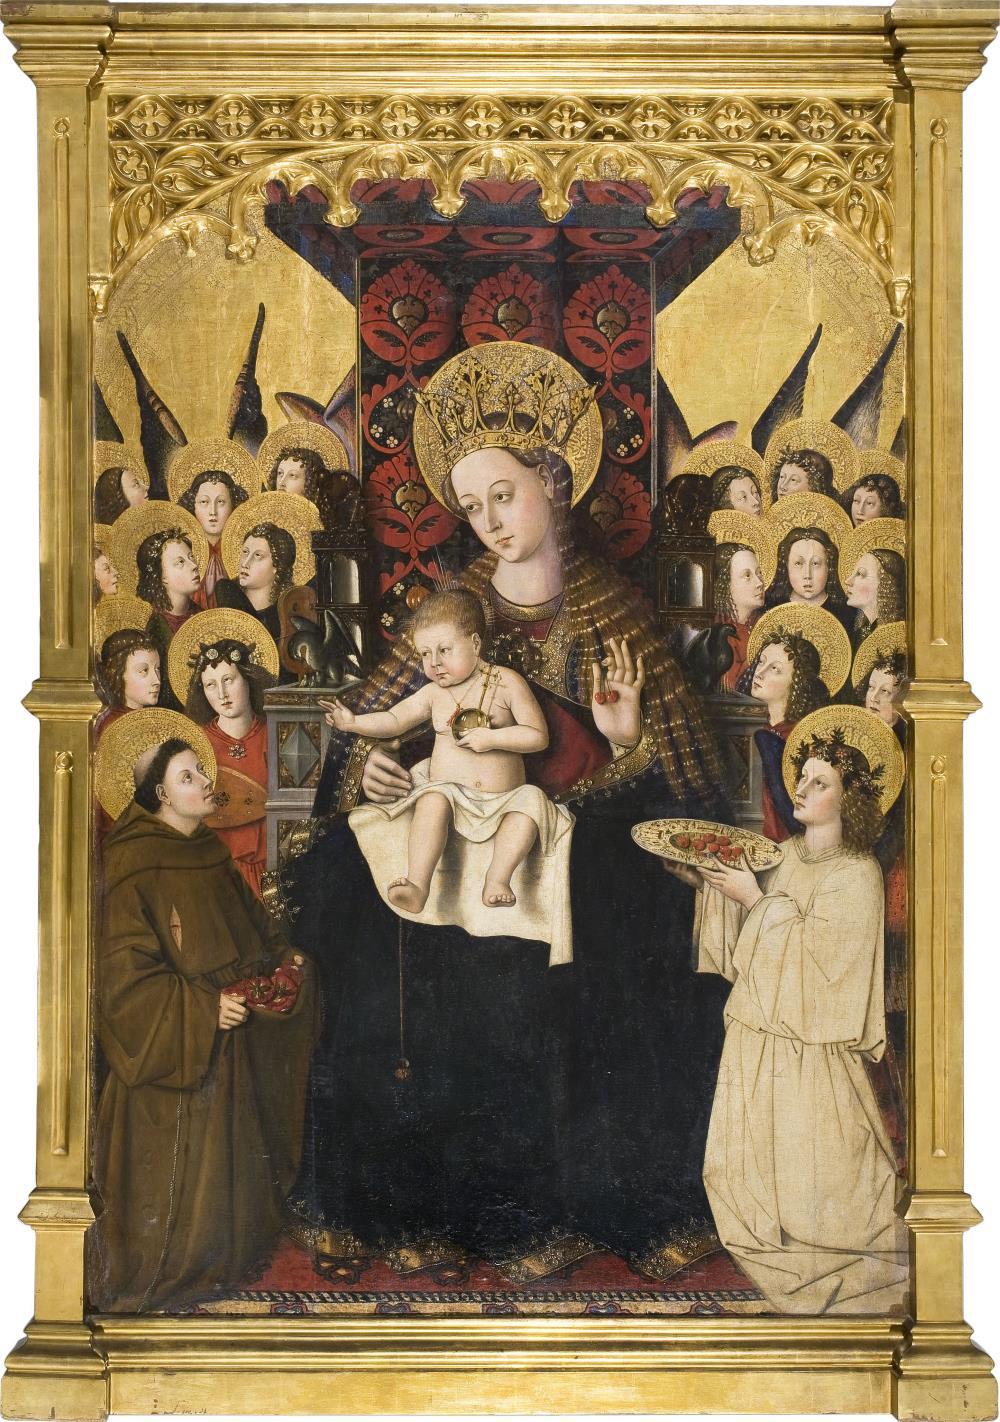 Mestre de la Porciúncula, Verge de la Porciúncula, cap a 1450